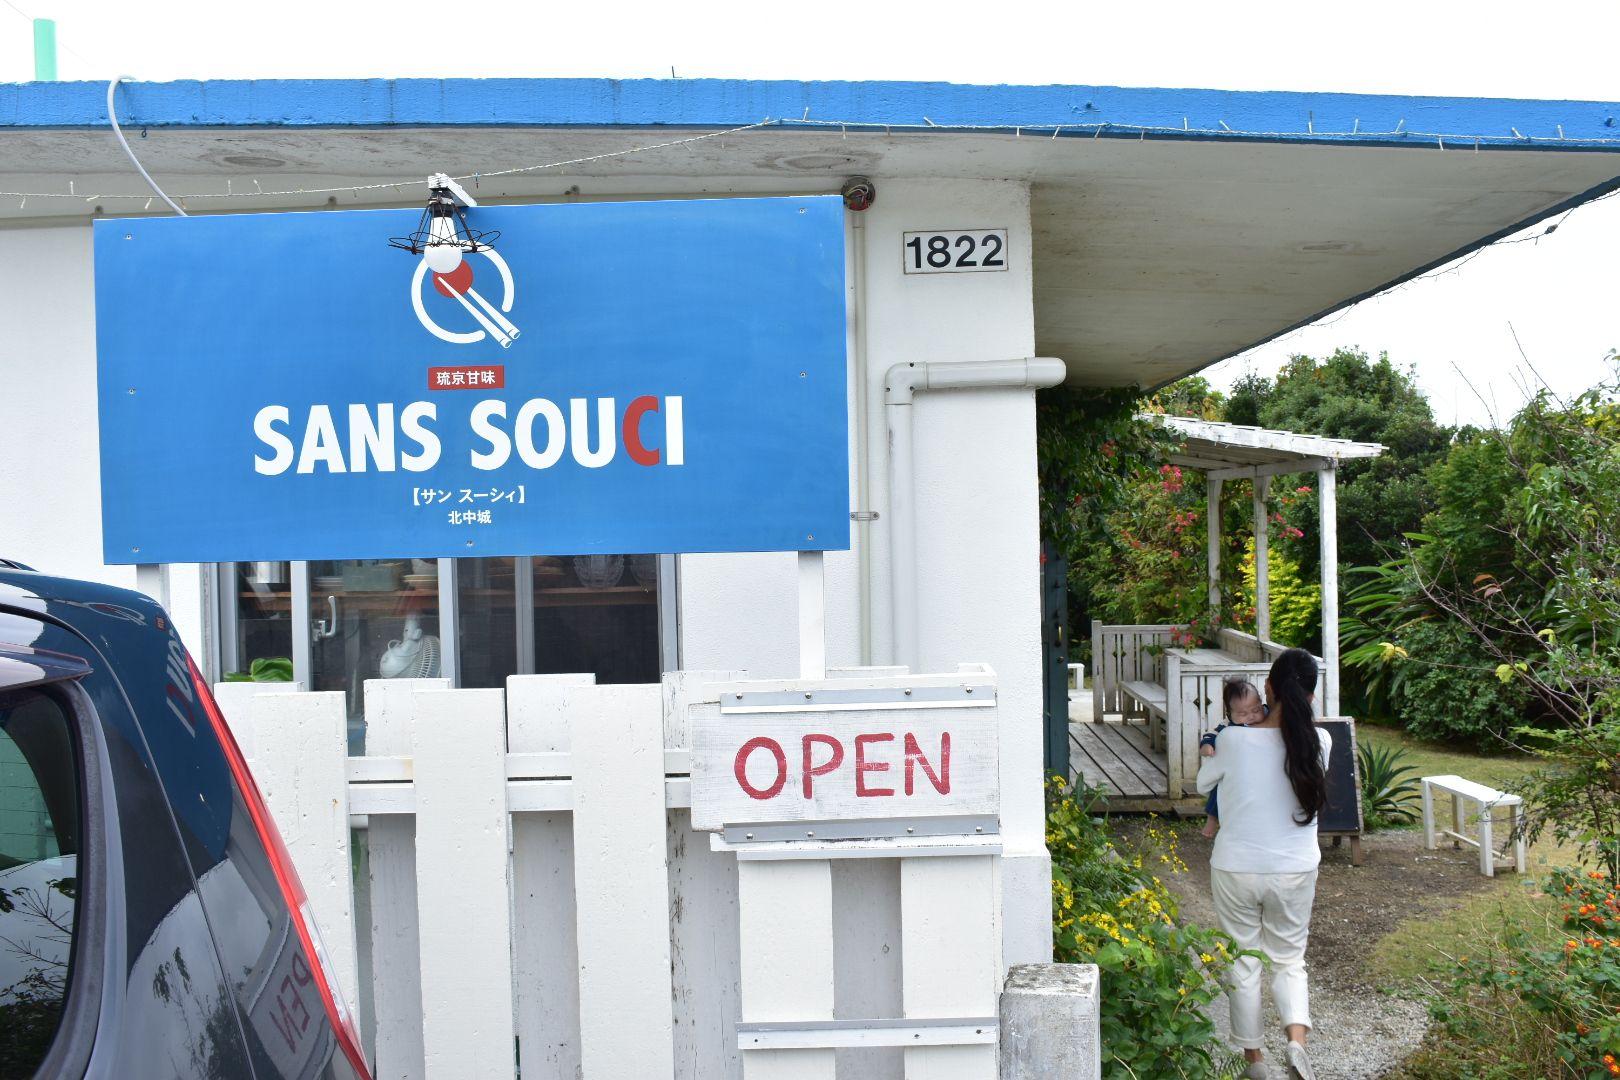 SANS SOUCIの看板